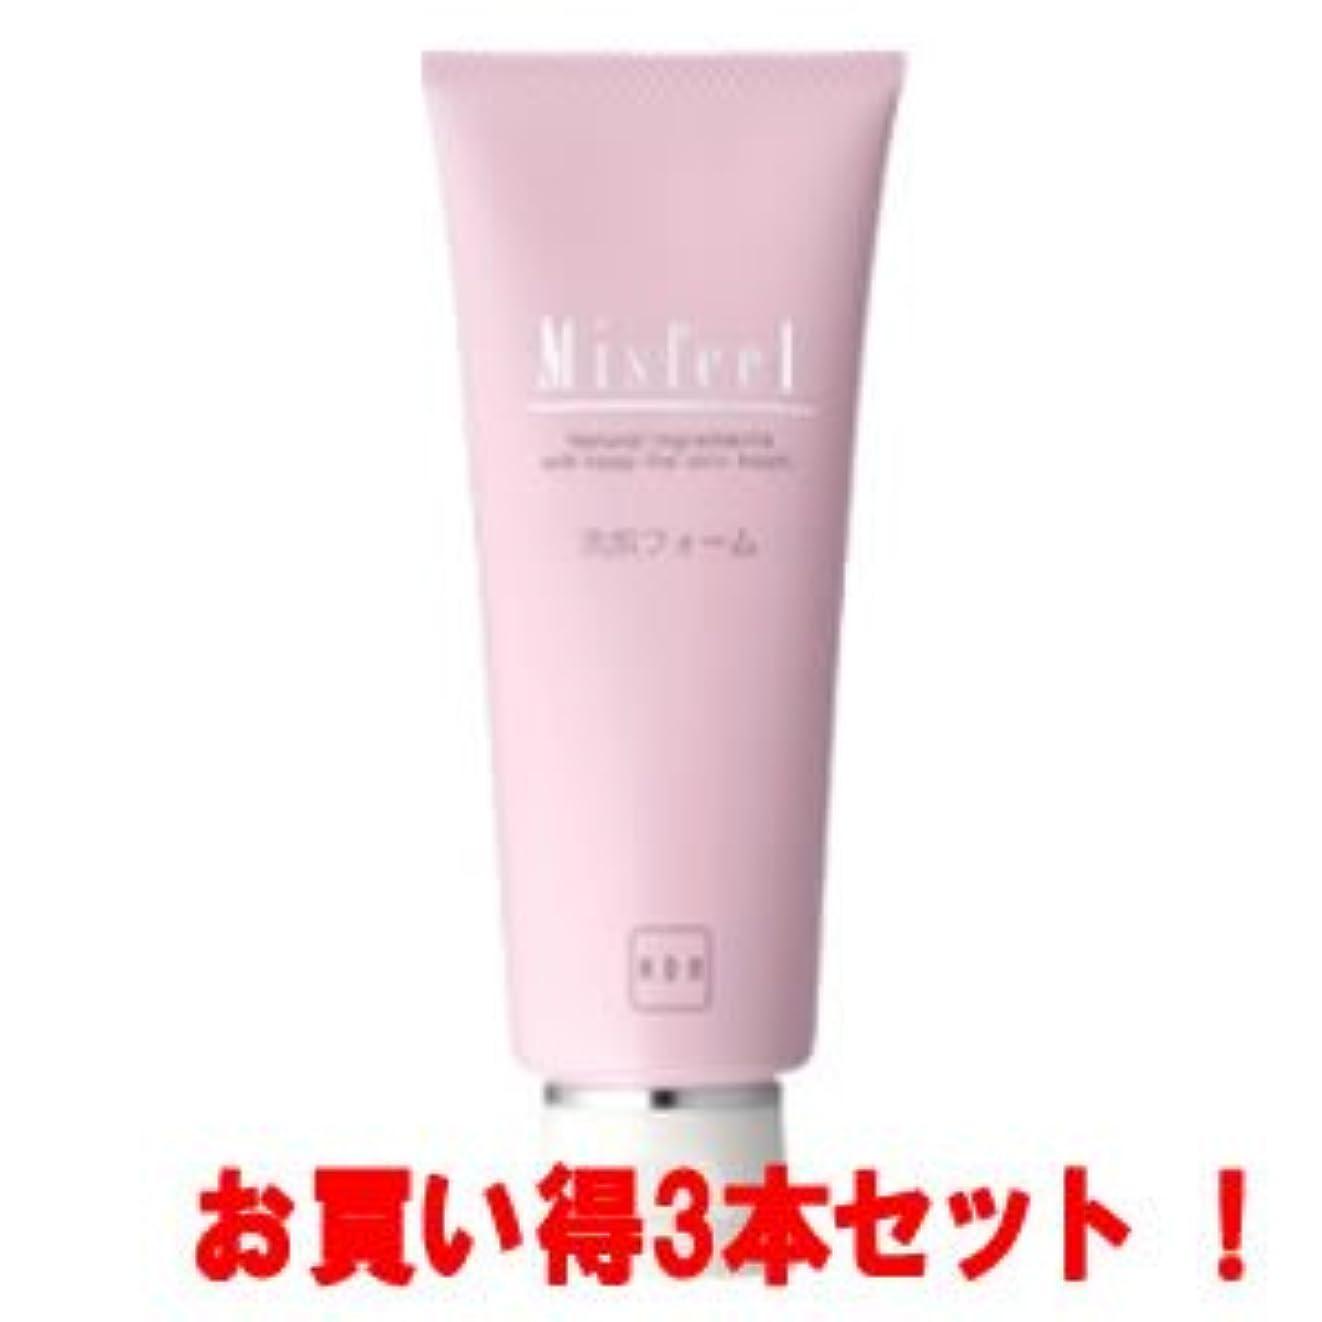 レスリングクライアント生む(アサバ化粧品)ミズフィール 洗顔フォーム100g(お買い得3本セット)